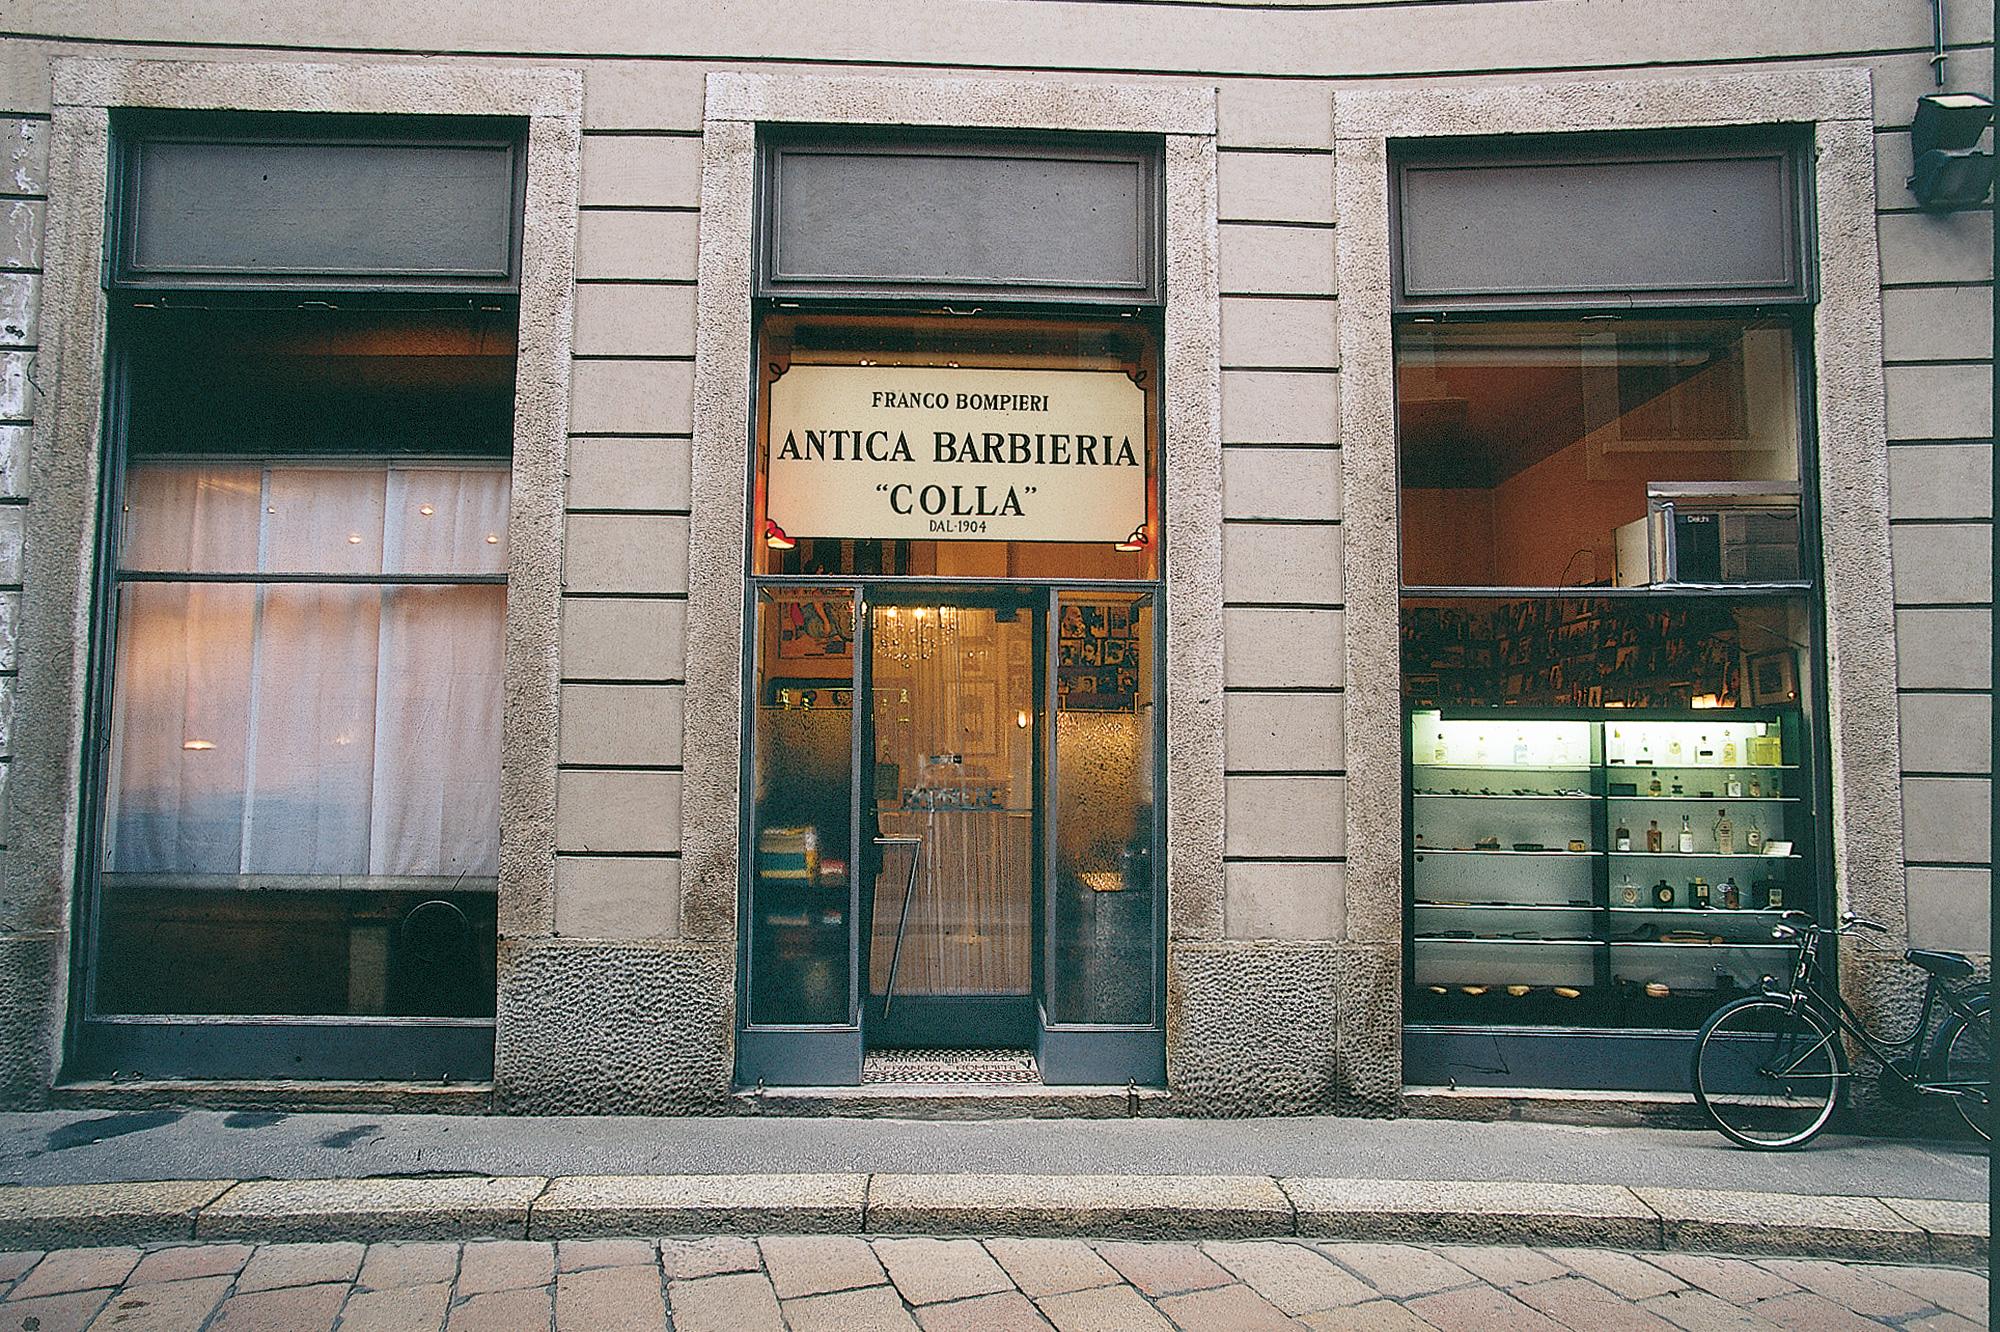 Dal 1904, un'antica istituzione milanese